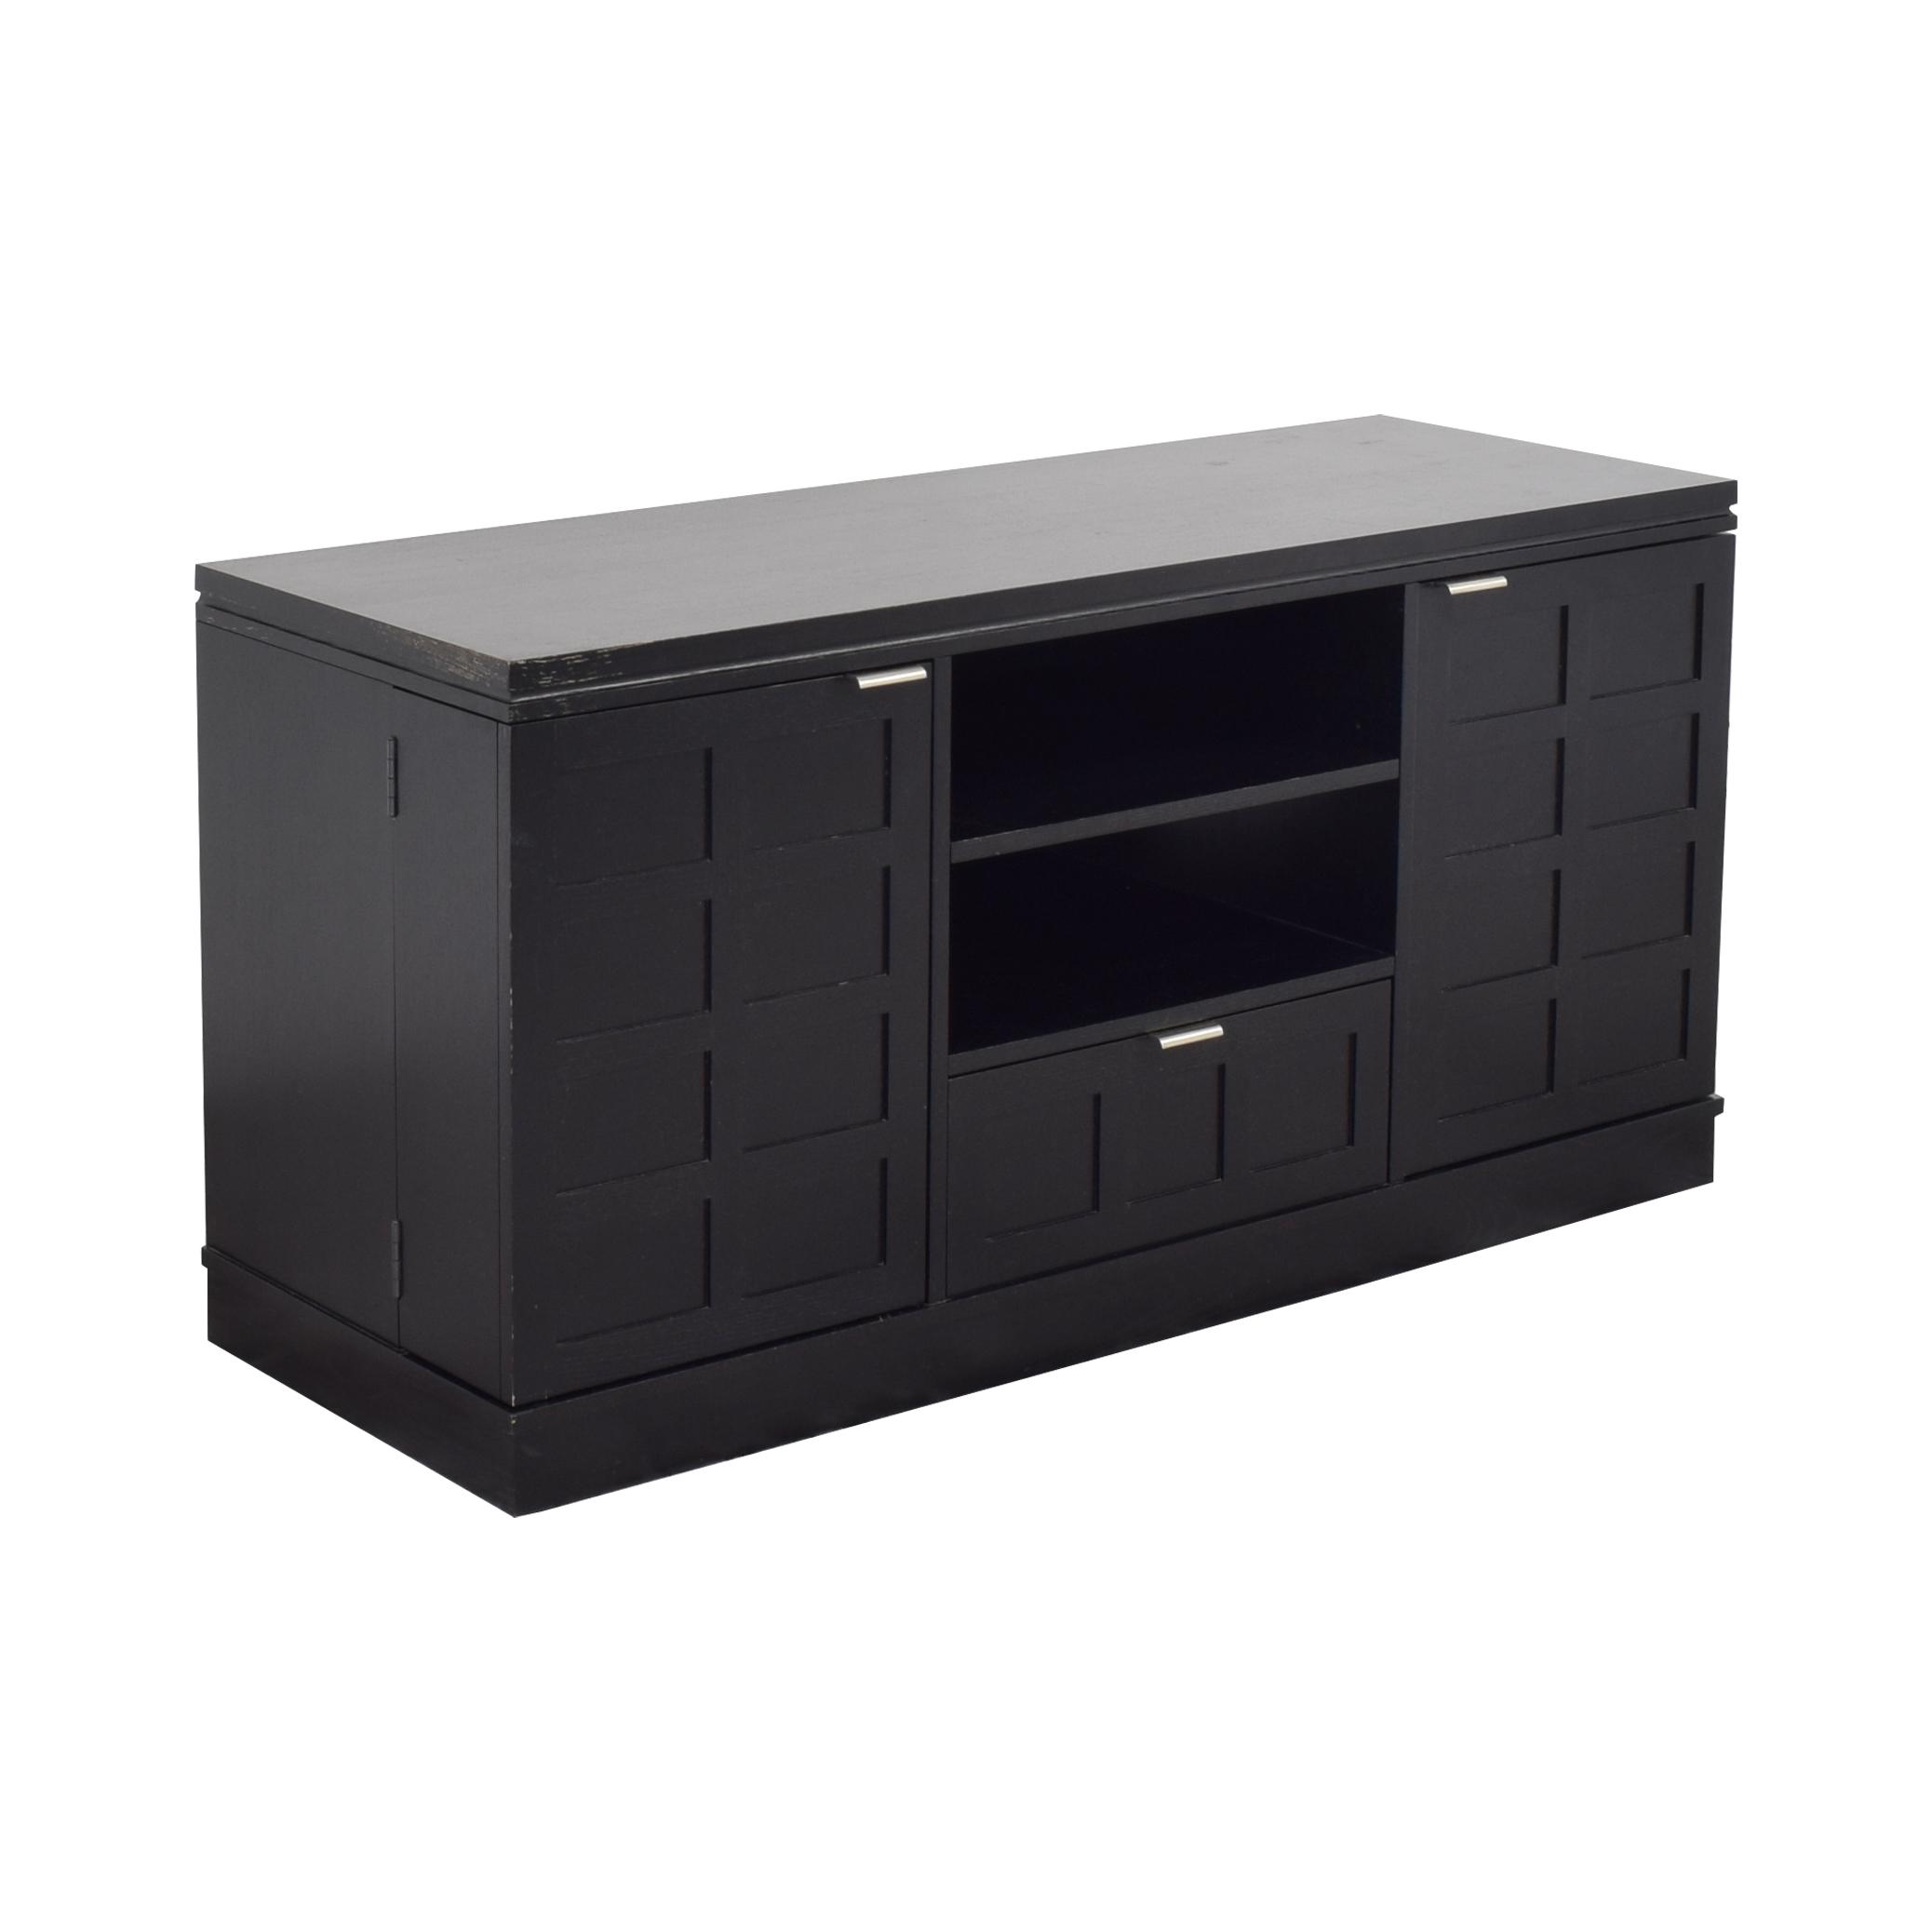 Crate & Barrel Crate & Barrel Wood Media Console ma